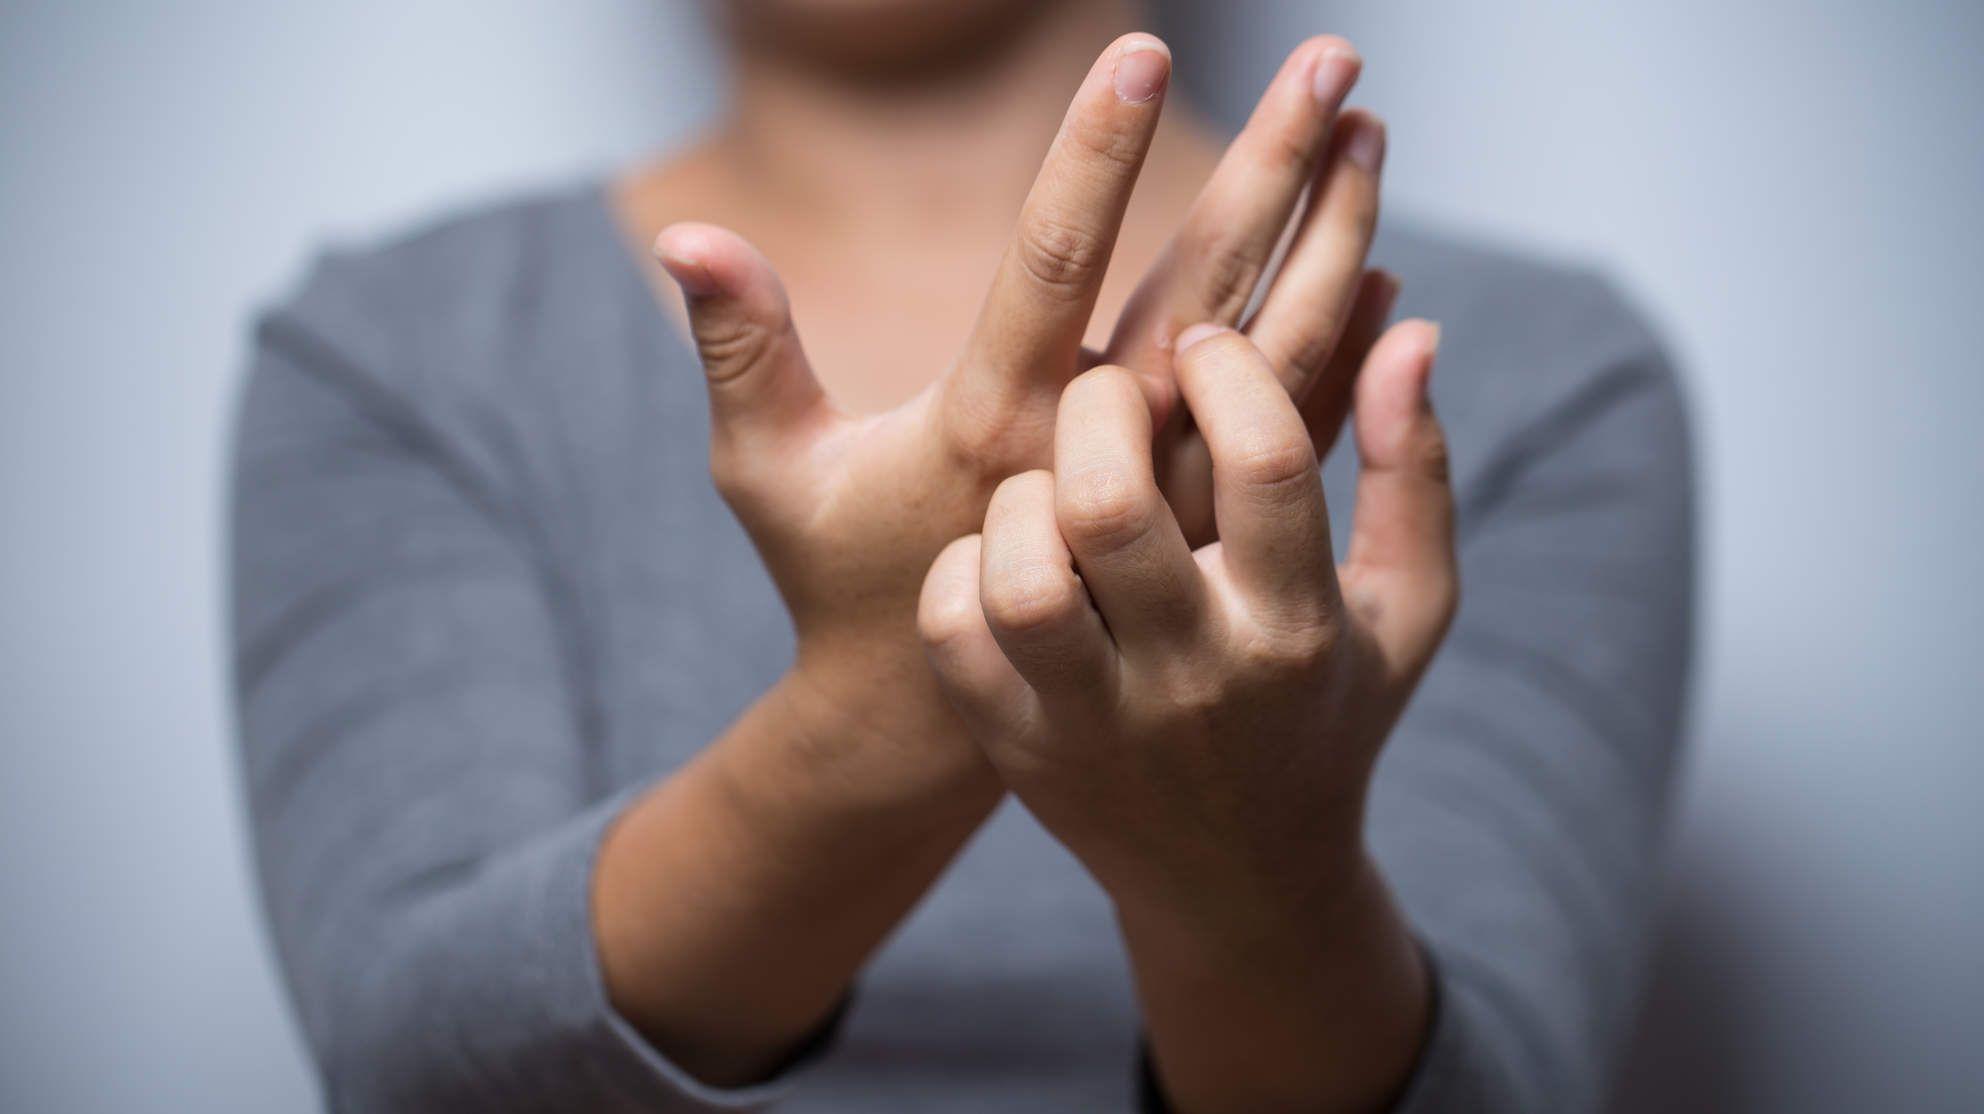 درمان حساسیت دست ها به کمک طب سنتی